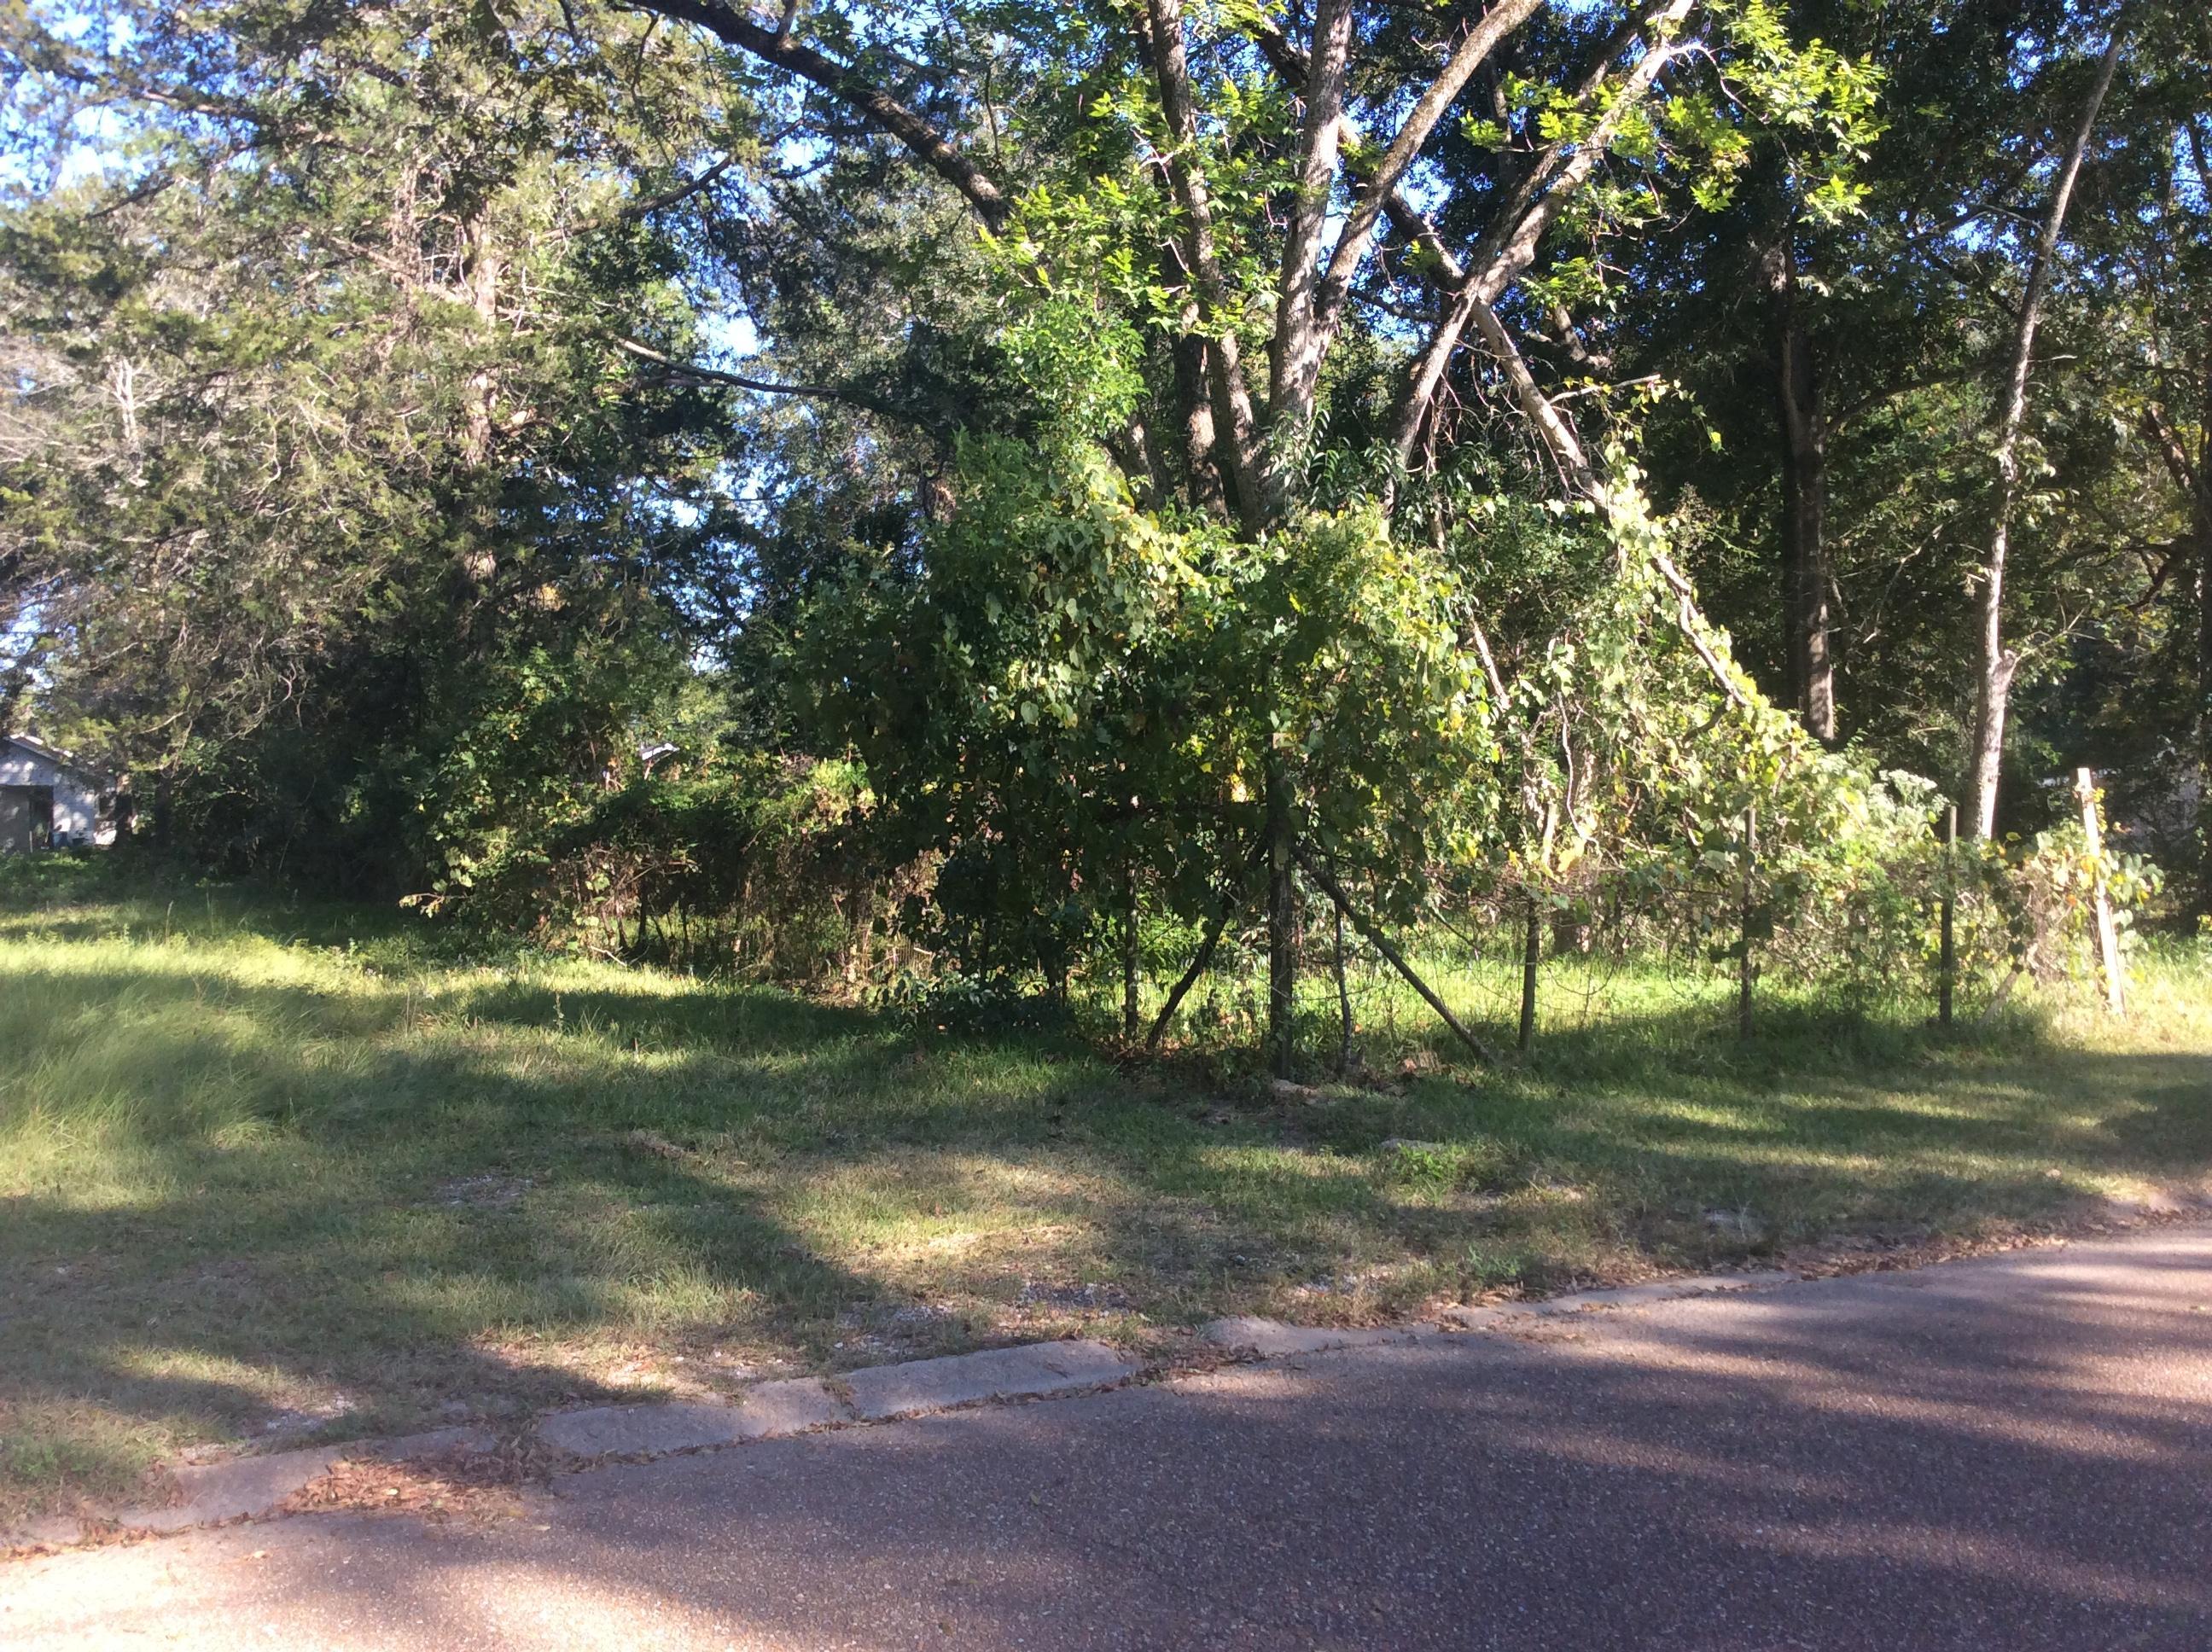 DeRidder land for sale,  203 WILSON, DeRidder LA - $10,000